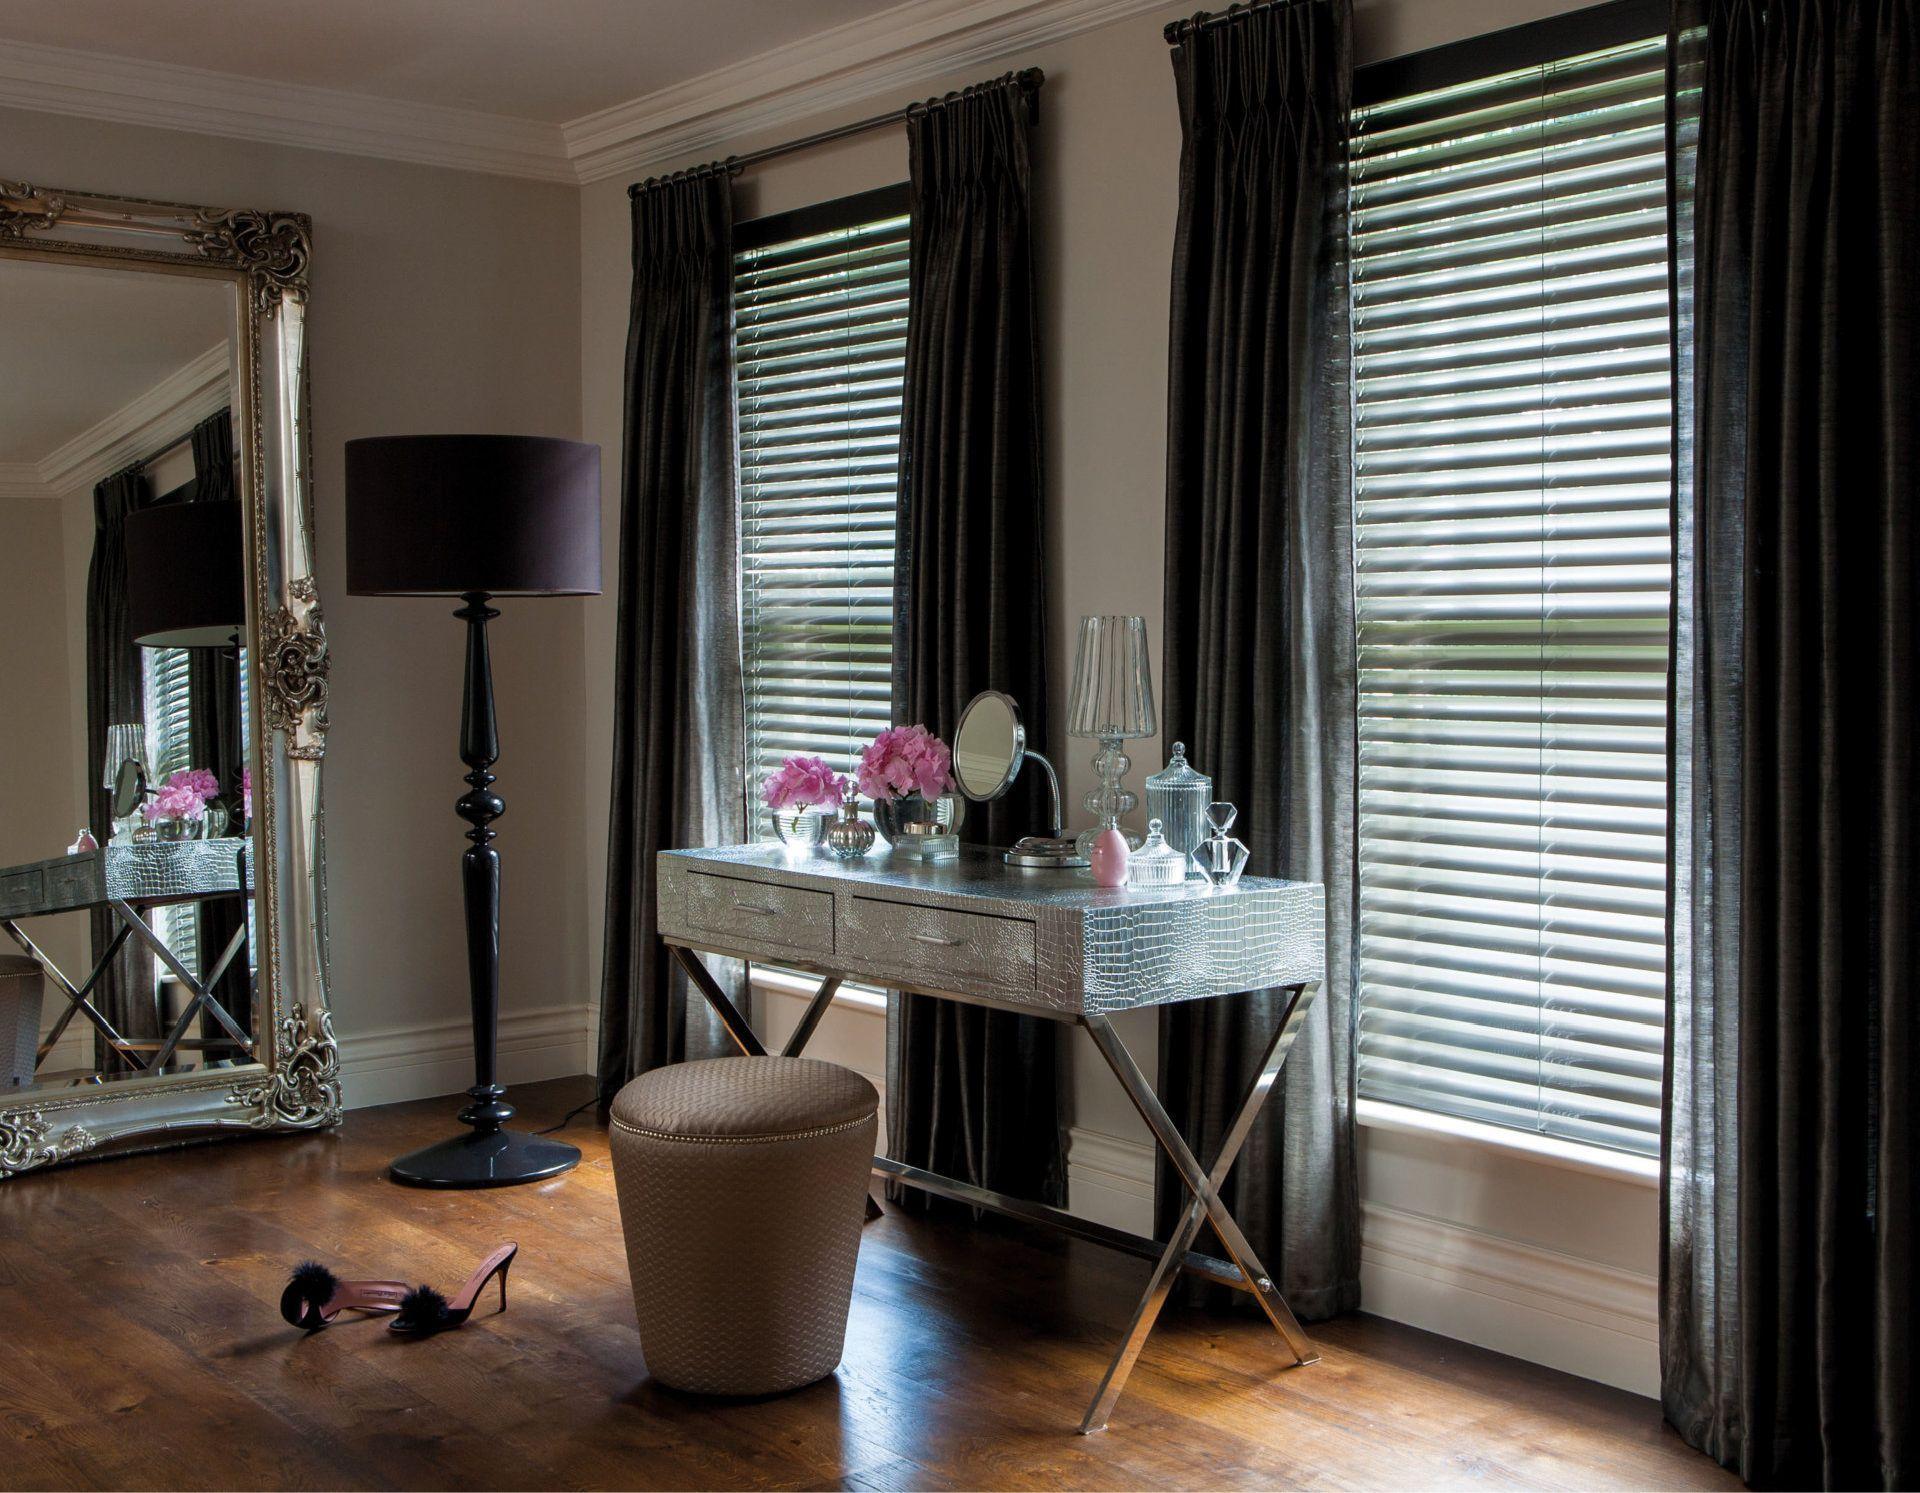 Amazing Unique Ideas Bamboo Blinds Bedroom Sheer Blinds Diy Diy Blinds Paper Vertical Blinds Ideas Bedro Curtains With Blinds Living Room Blinds Blinds Design